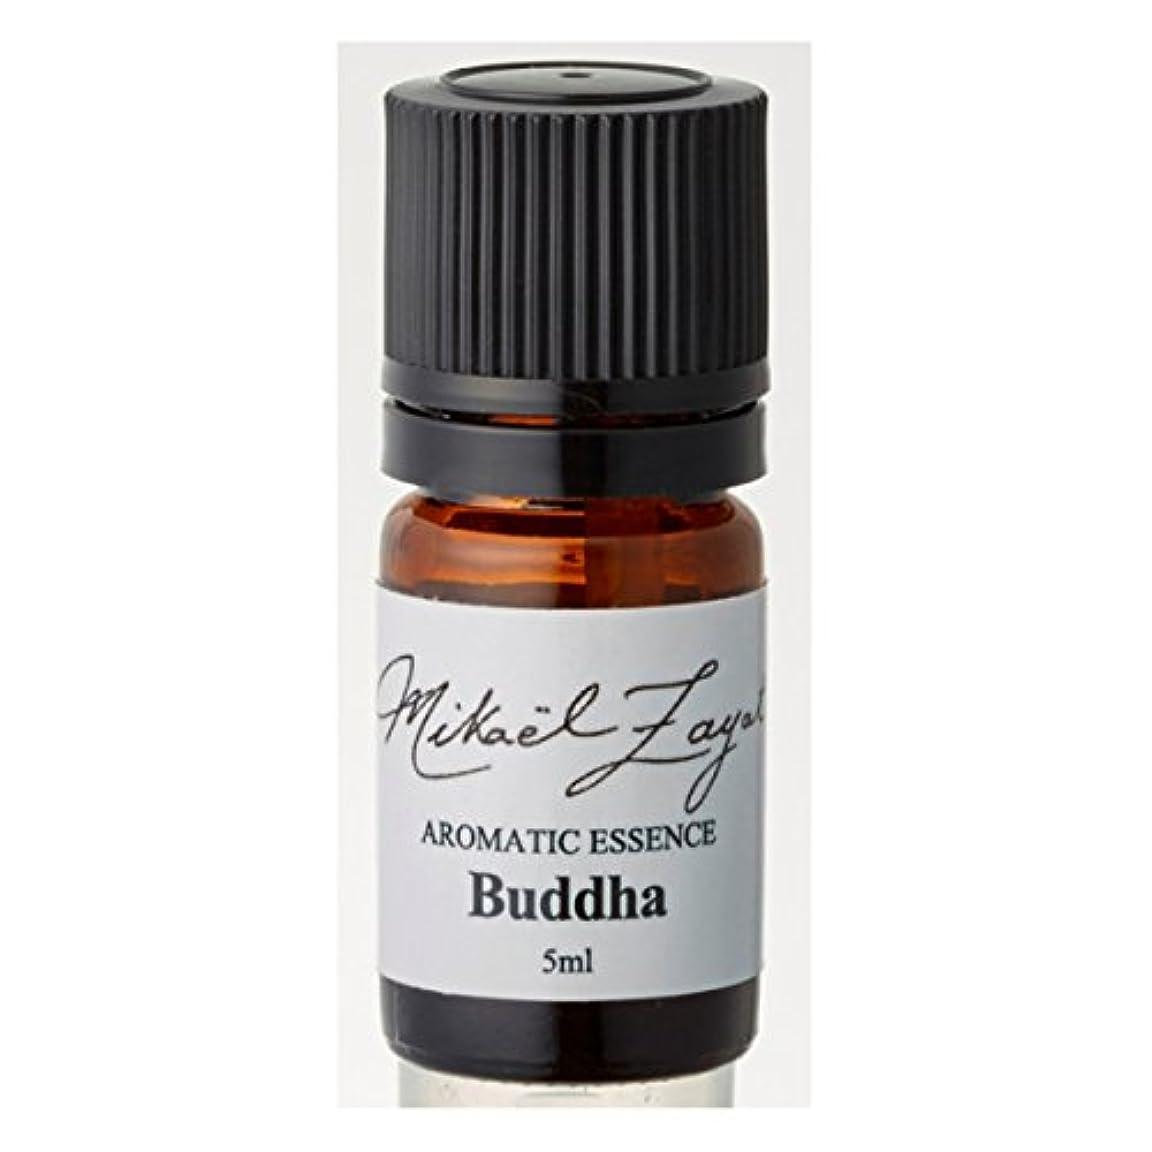 あいまいさ薬用障害ミカエルザヤット ブッダ 5ml Buddha 5ml/ Mikael Zayat hand made blend